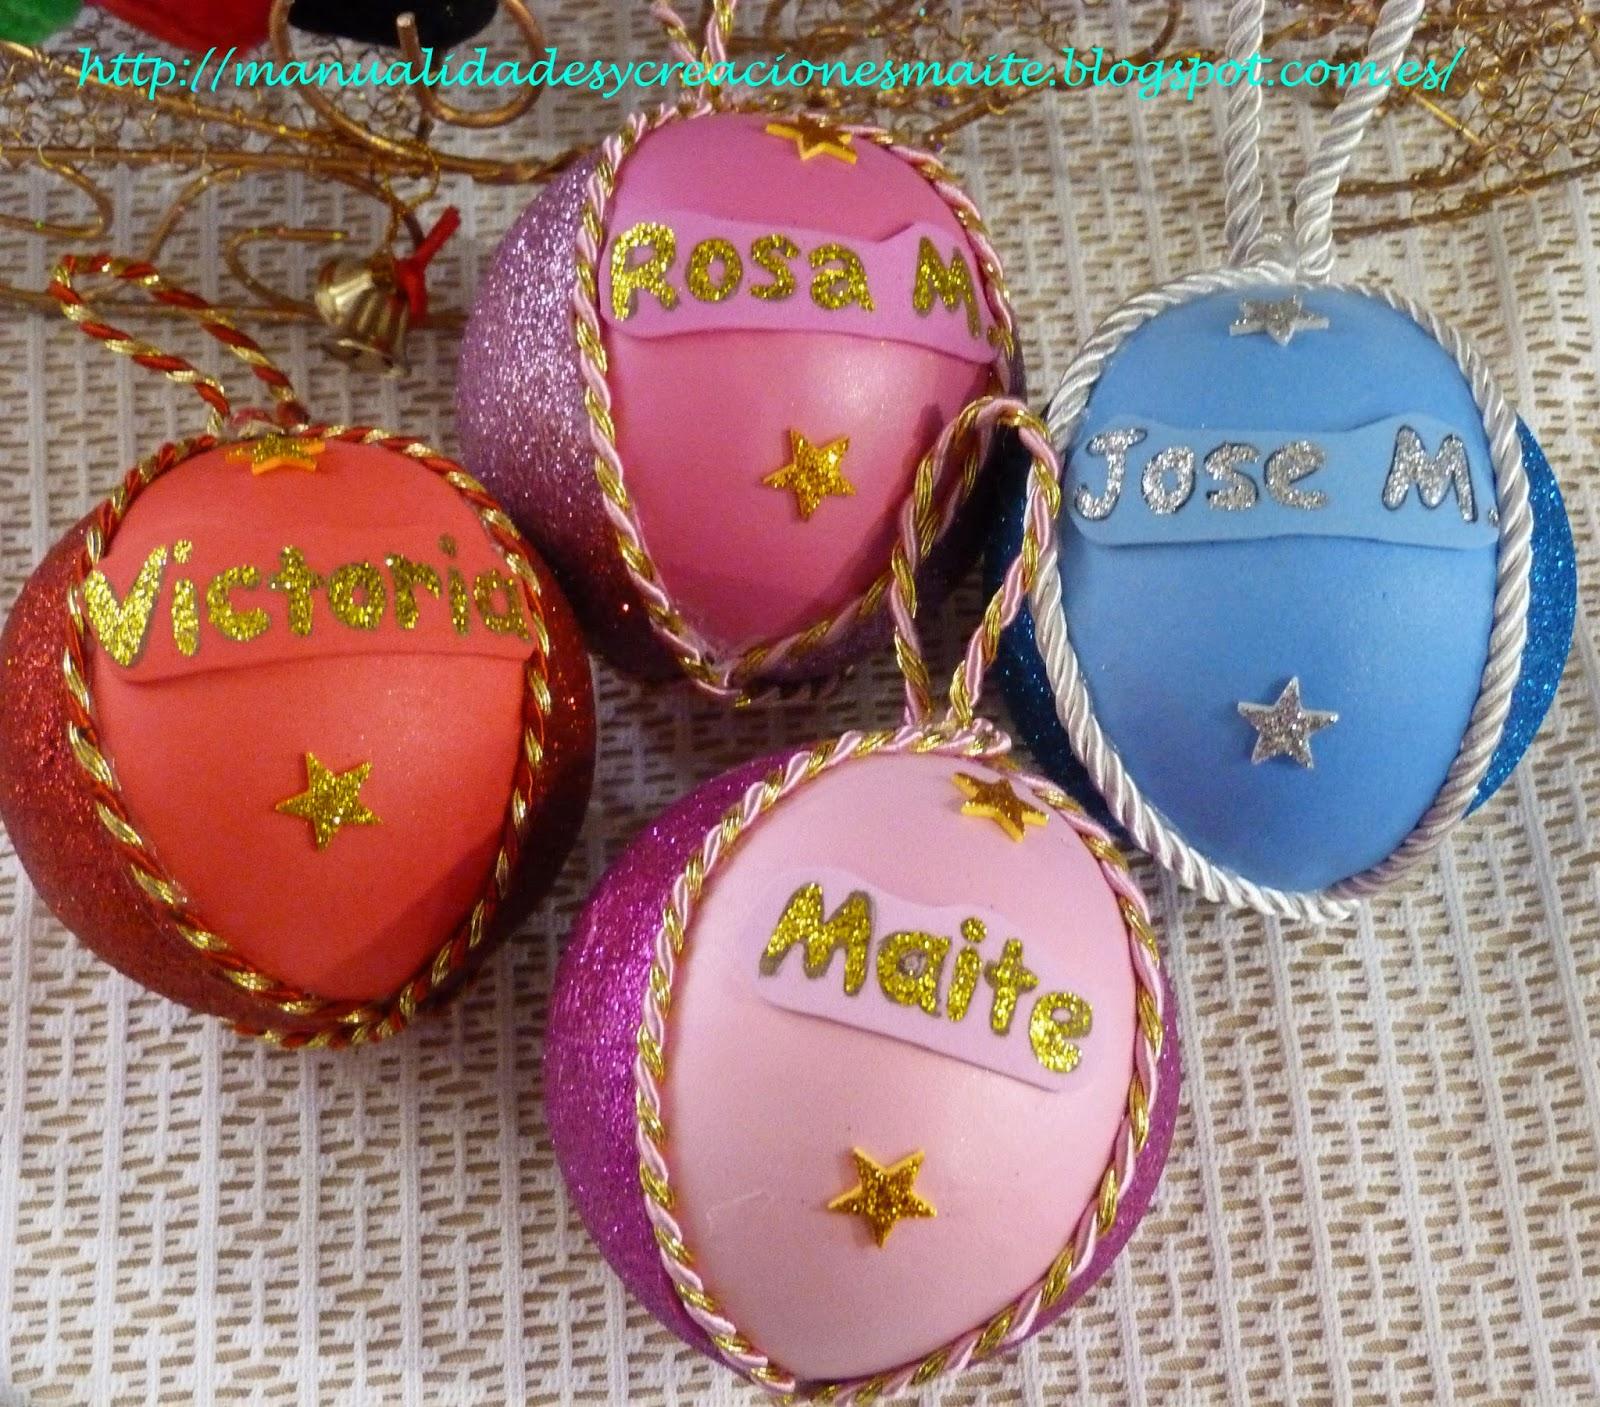 Fofuchas manualidades y creaciones maite diciembre 2013 - Manualidades bolas de navidad ...